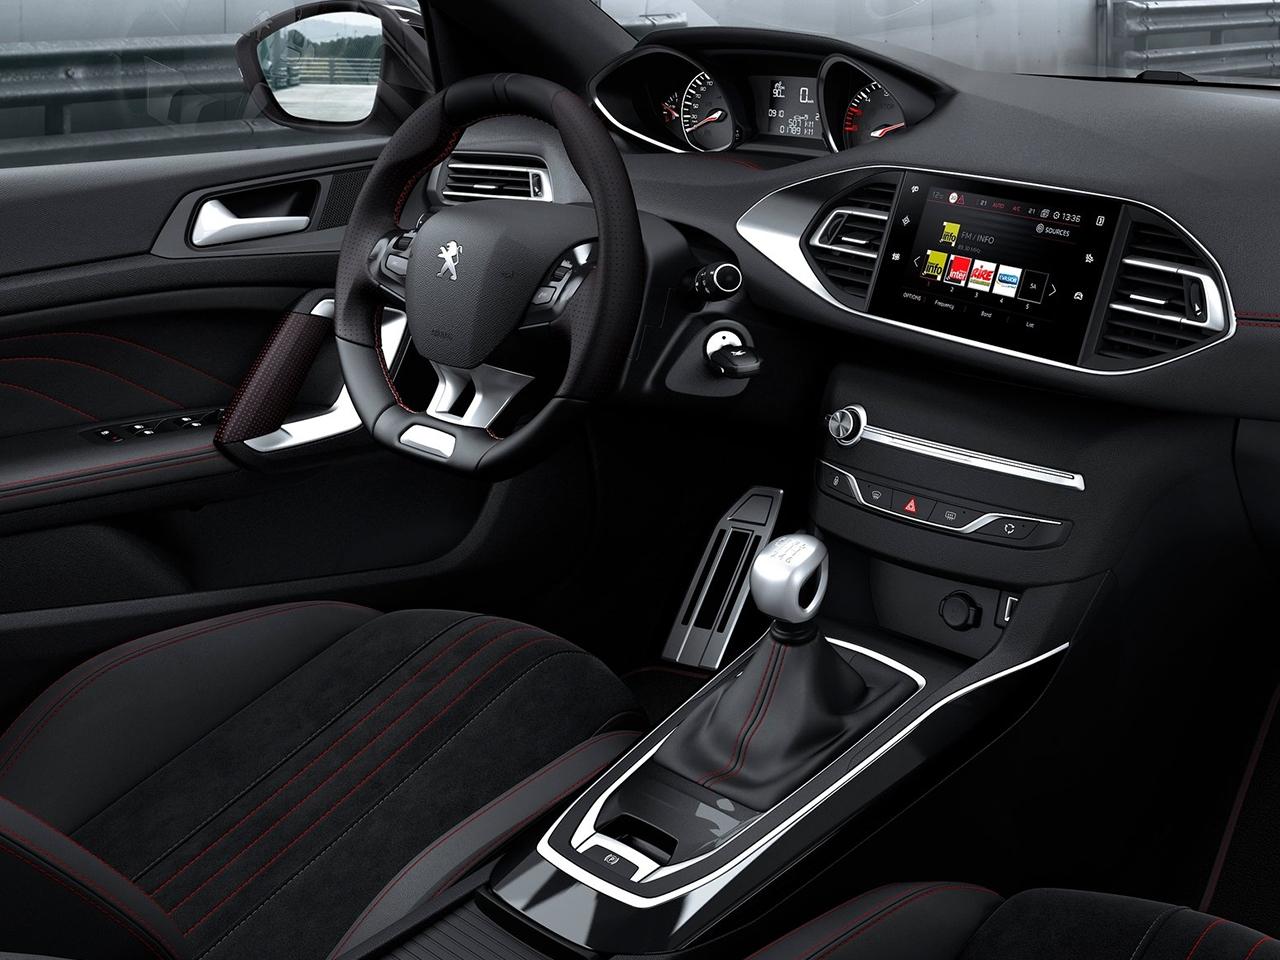 Interior Peugeot 308